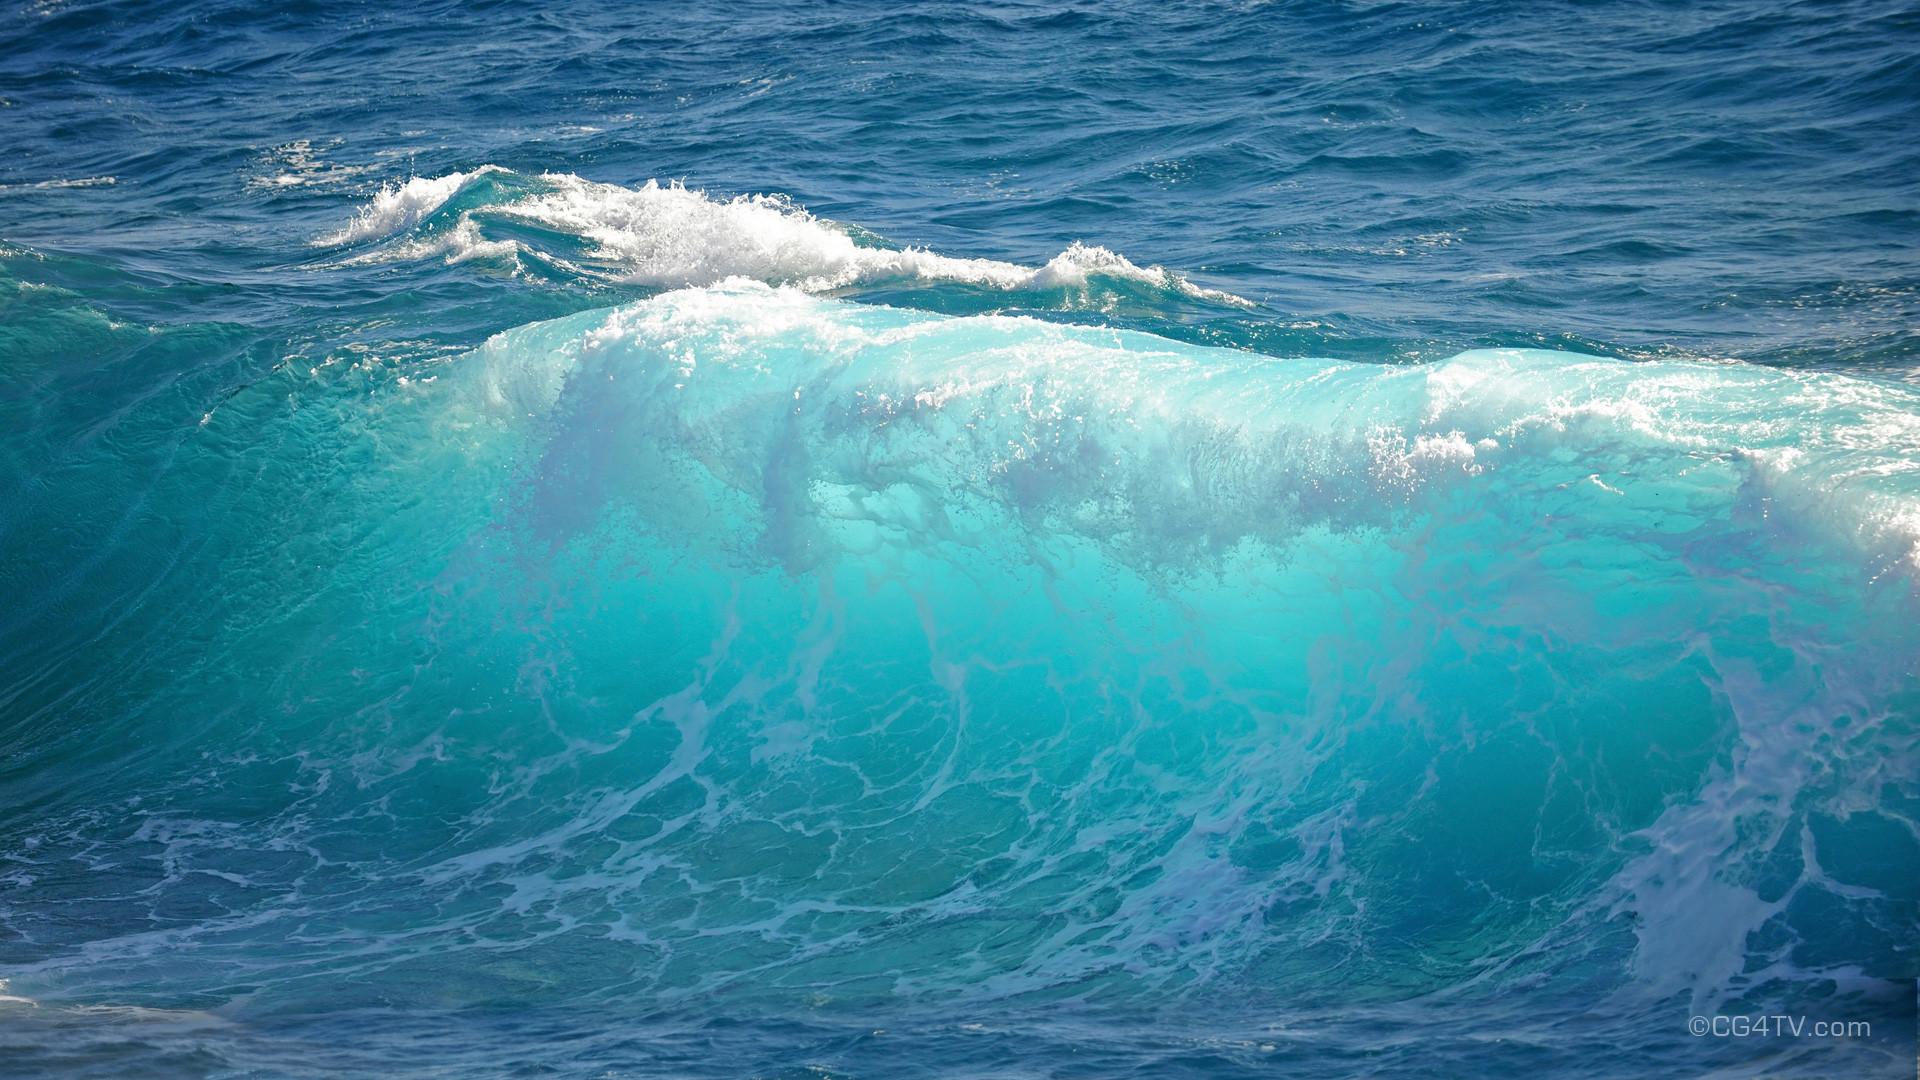 Happy Water Week, everyone! In honor of the UN's World Water Week .